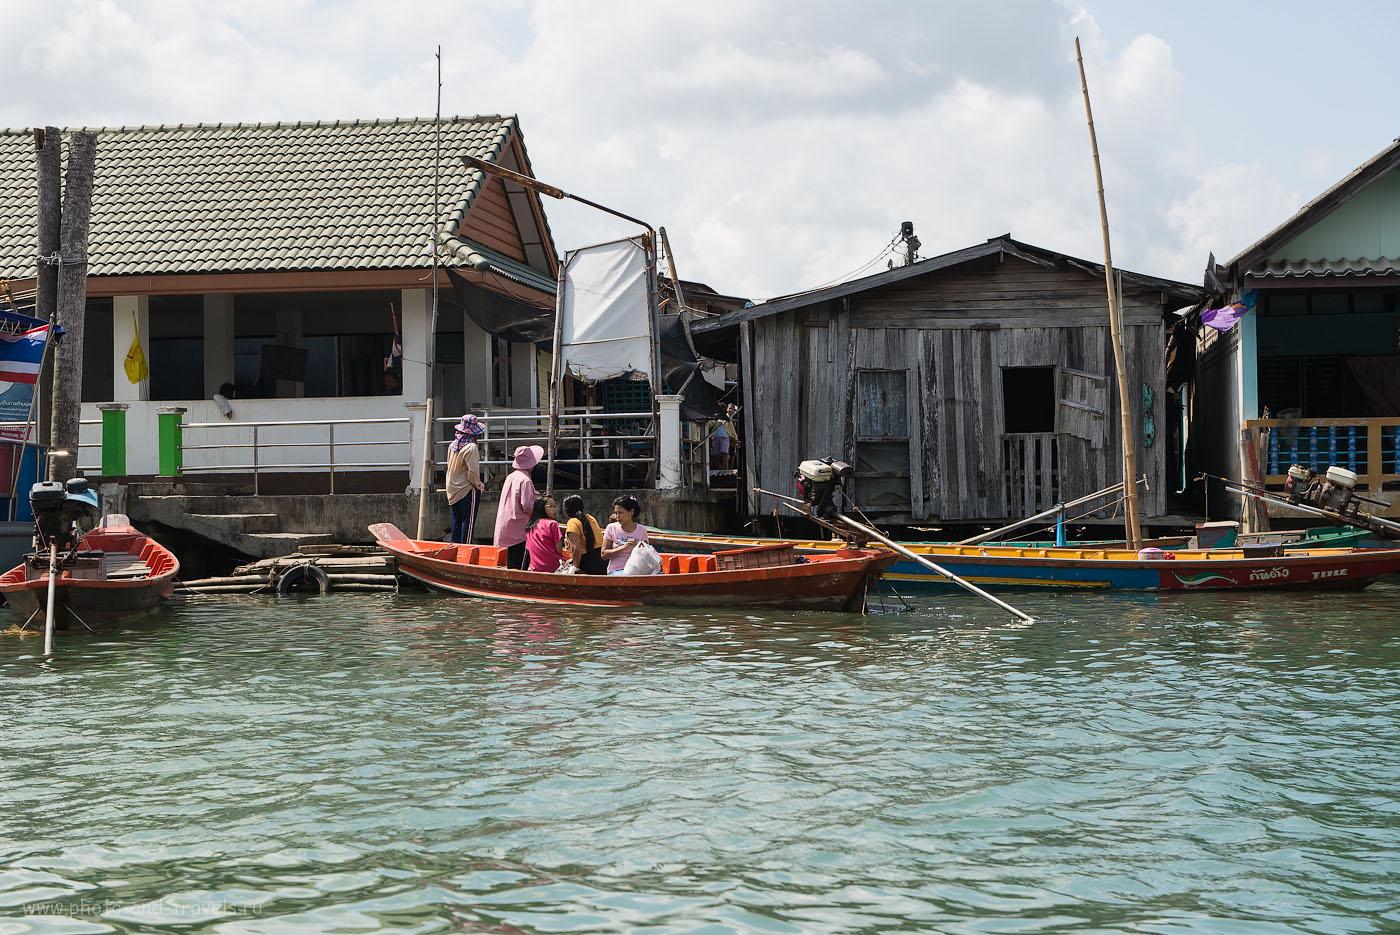 Фотография 17. Достопримечательности Таиланда. Рыбацкая деревня на окраине города Чумпхон. В район за покупками (320, 56, 8.0, 1/400)